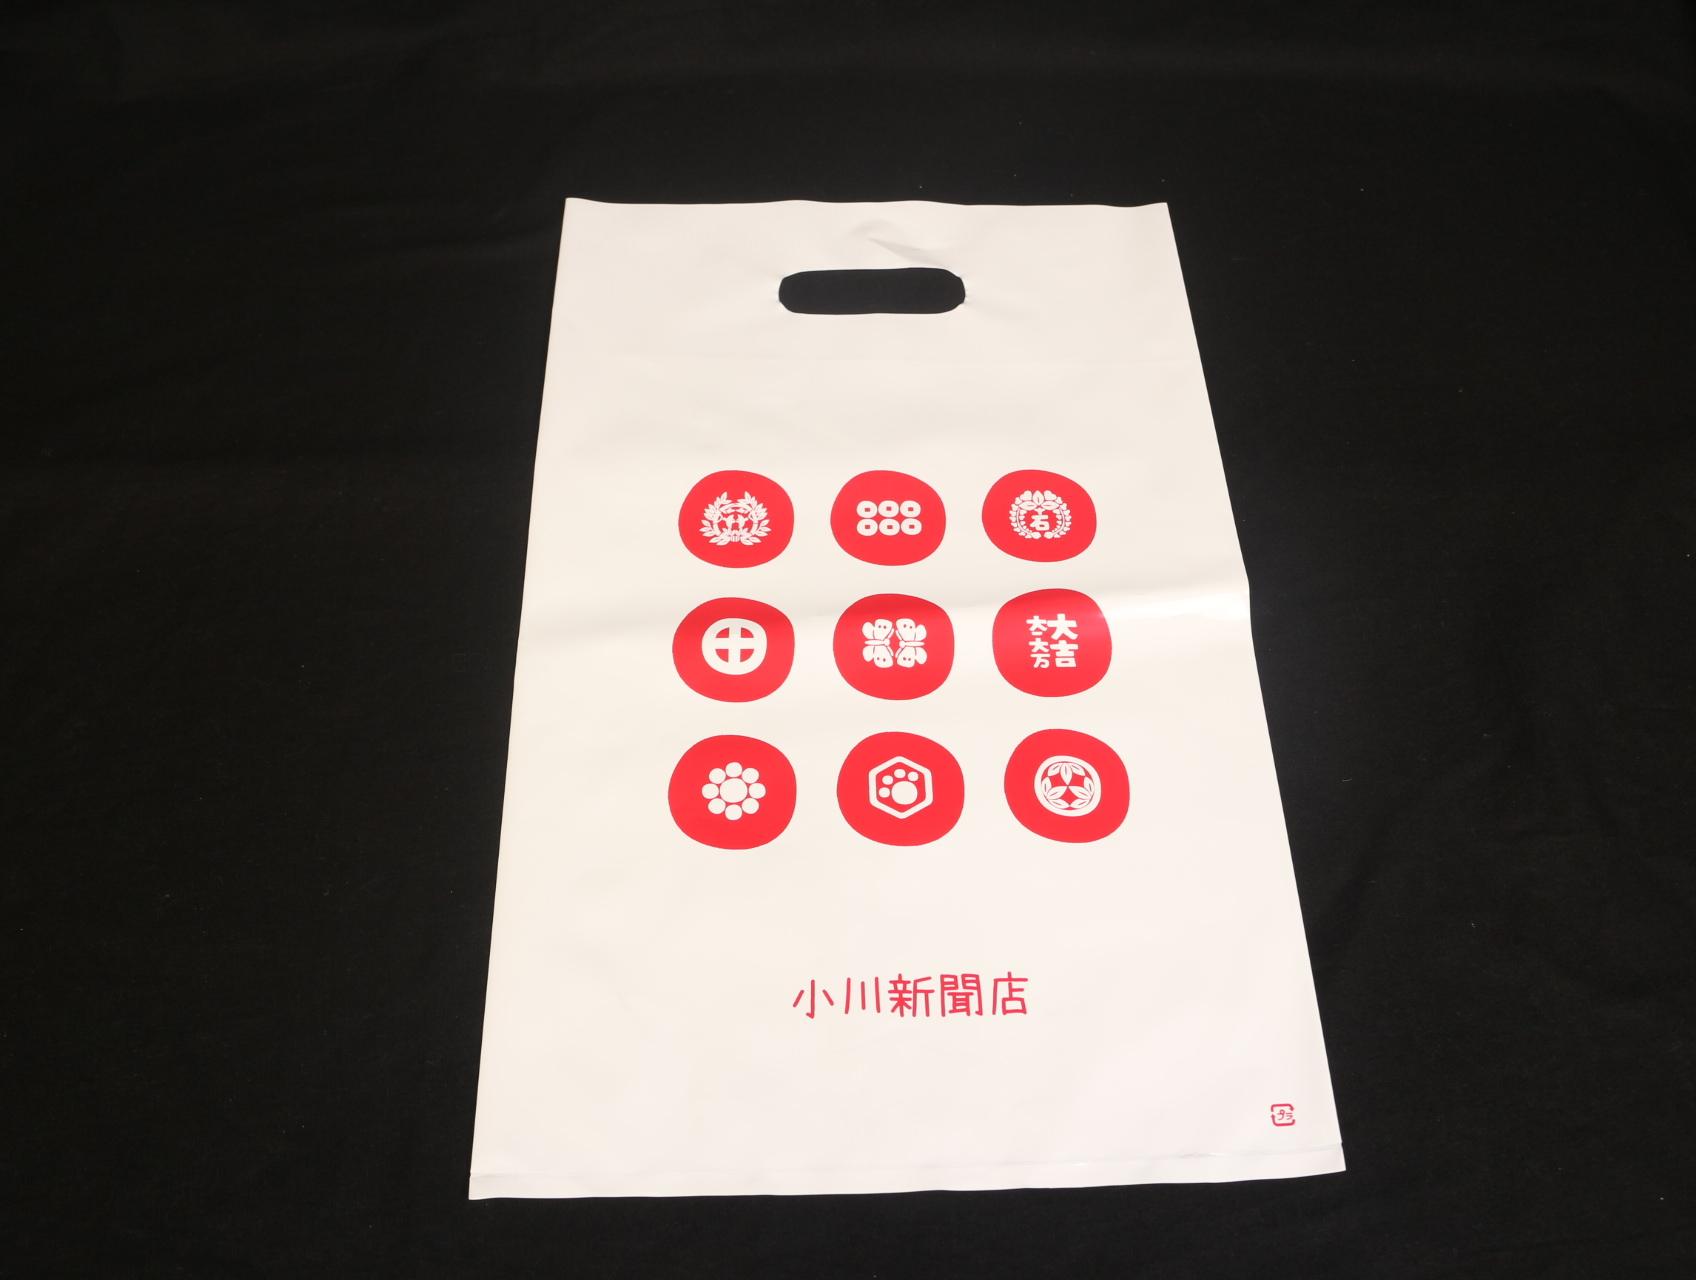 岐阜県で新聞配達や観光案内など地域を愛するサービスをされている会社様のポリ袋